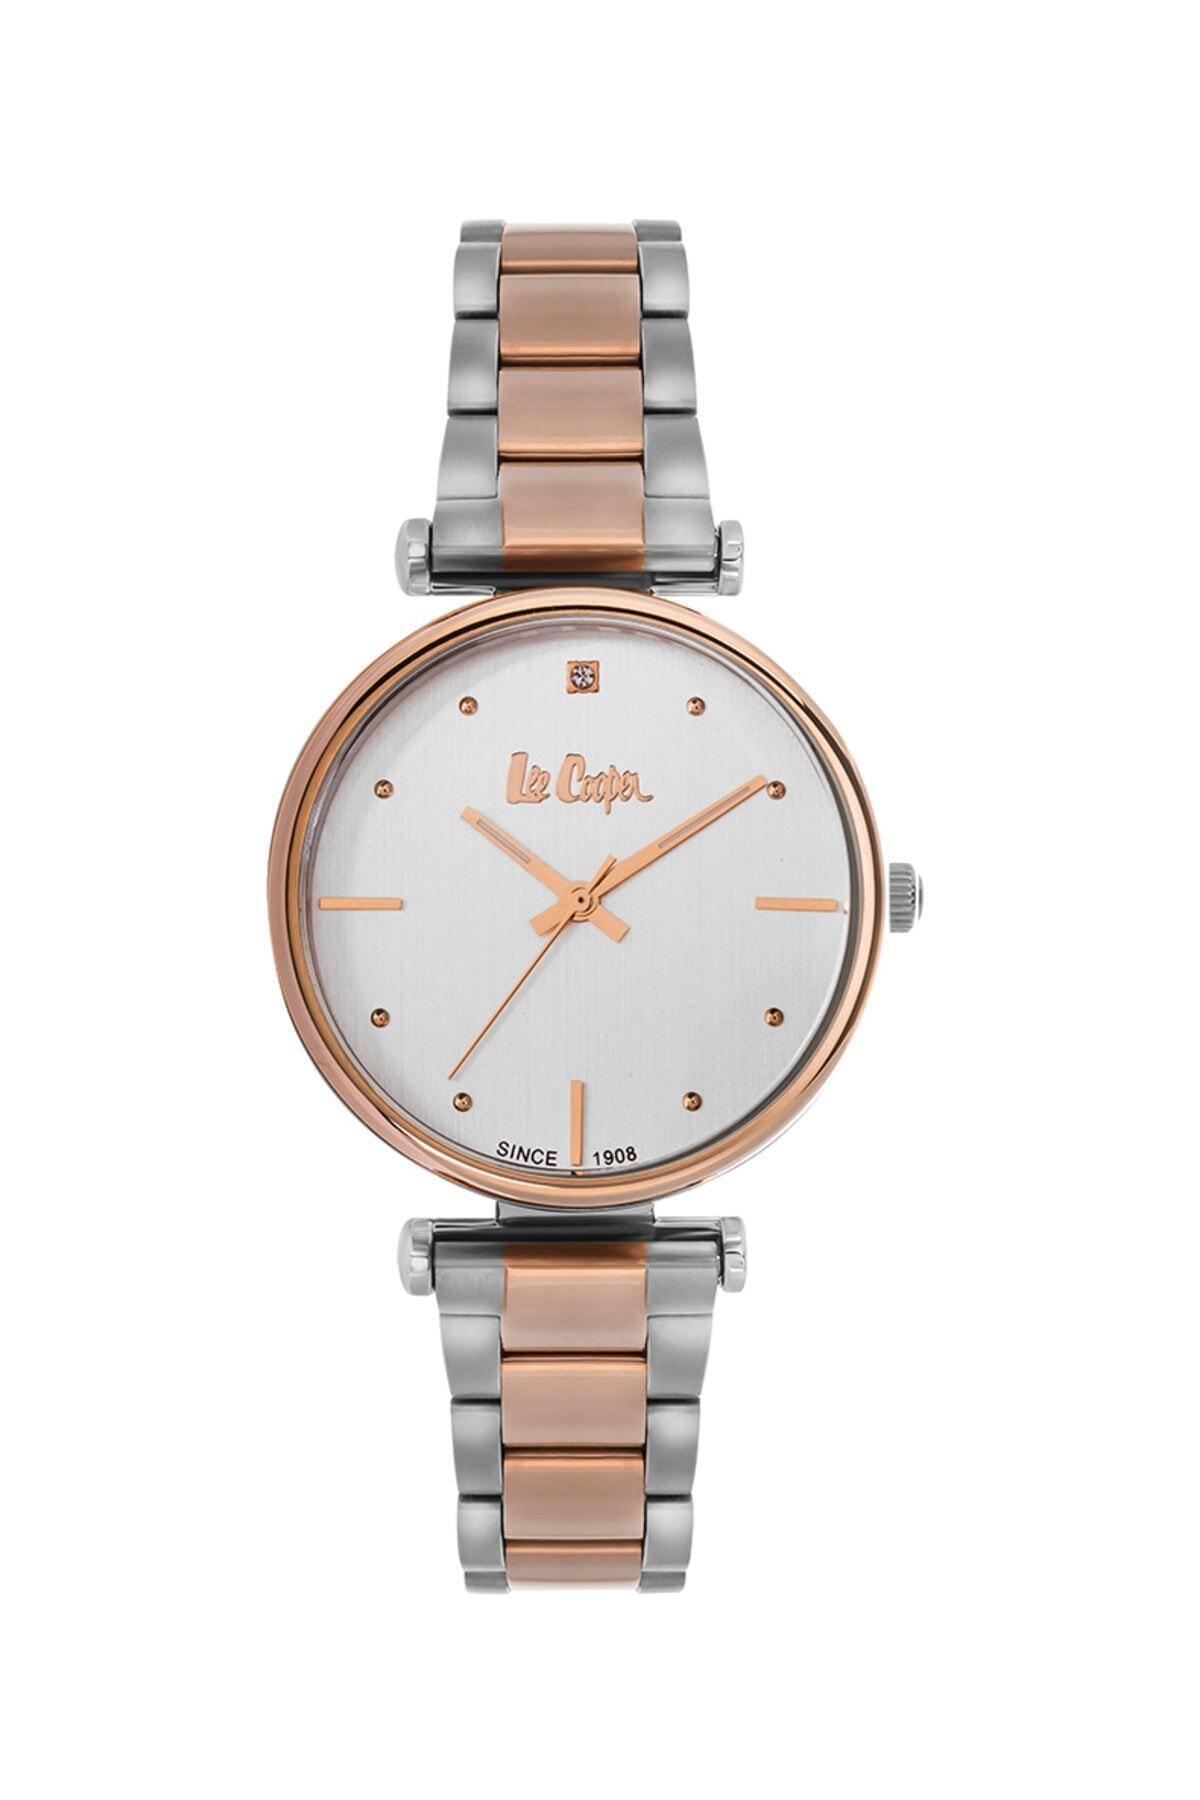 خرید ساعت زنانه اورجینال برند Lee Cooper رنگ نقره کد ty32600389